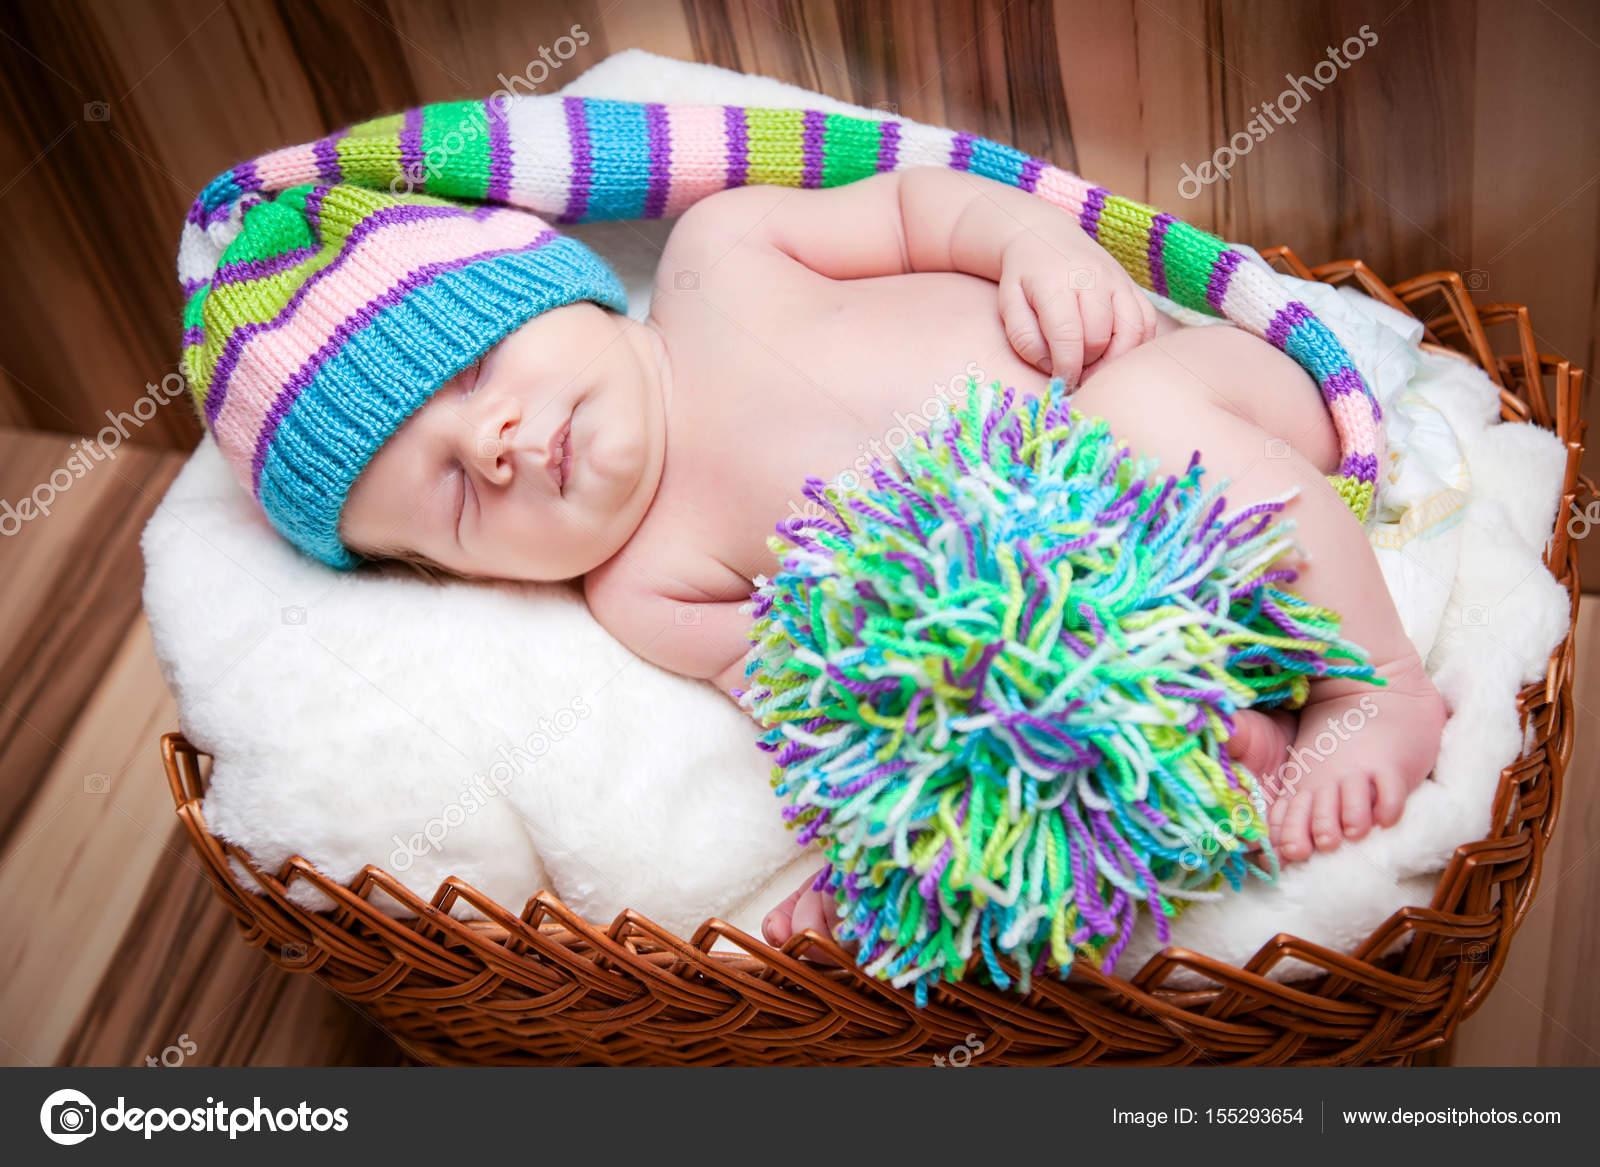 Canasta De Recien Nacido.Encantador Bebe Recien Nacido Nino Duerme En Una Canasta En